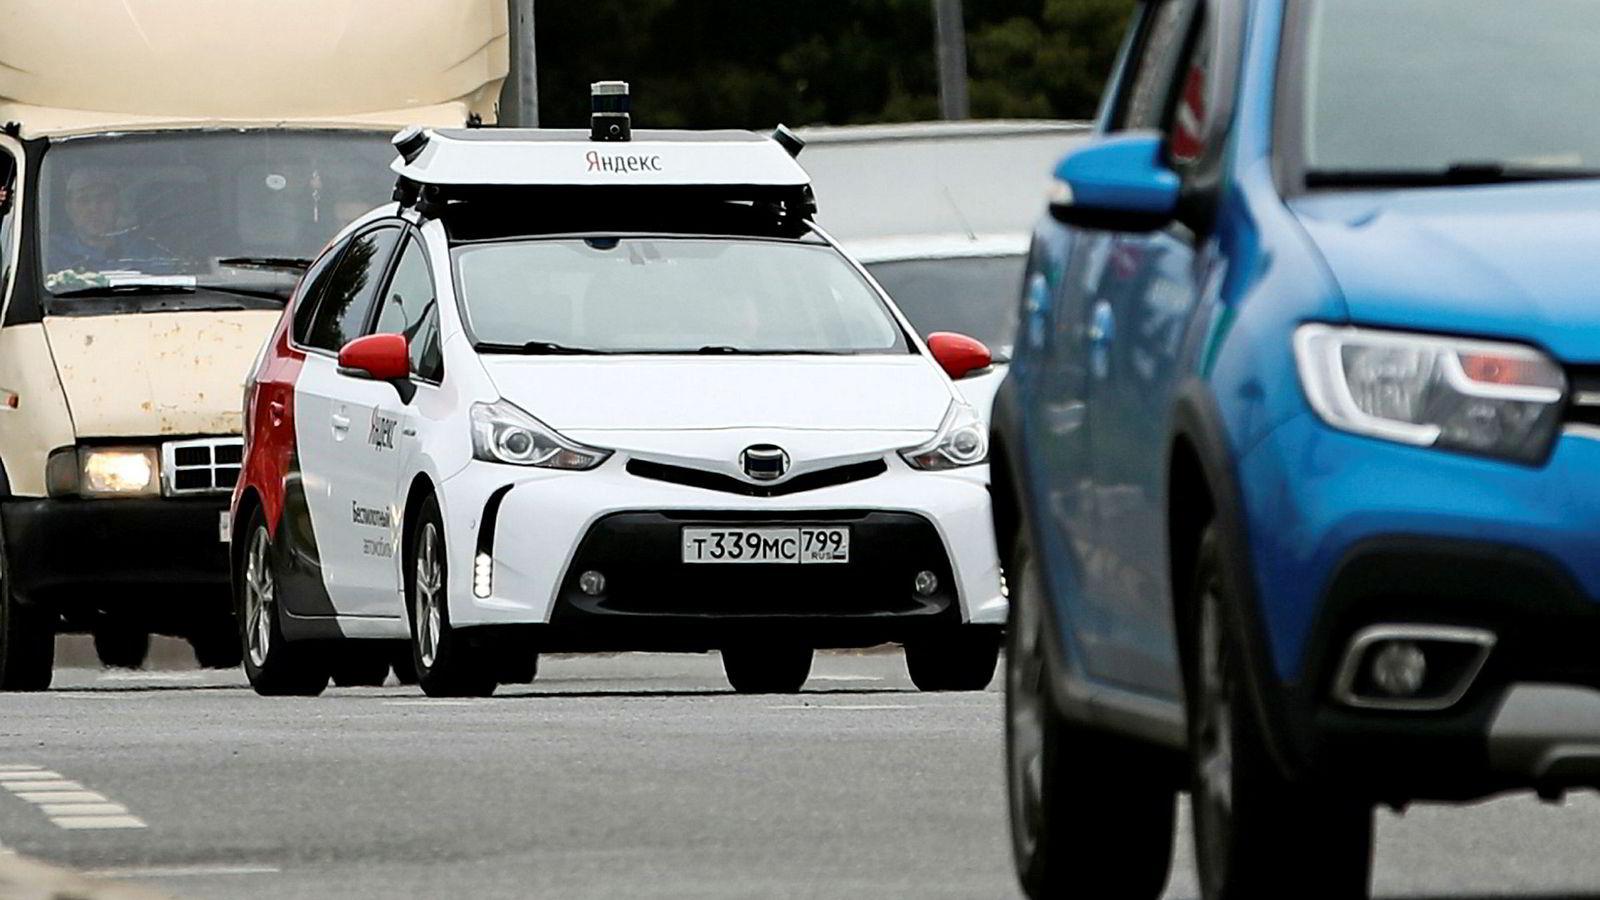 Det russiske selskapet Yandex har drevet forsøk med selvkjørende biler i Moskva siden mai i år. Russland har nettopp inført nye lover som tillater tester med førerløse biler på offentlige veier. Om de er programmert med vestlig eller østlig kultursyn på «umulige valg» i vanskelige situasjoner vites imidlertid ikke.